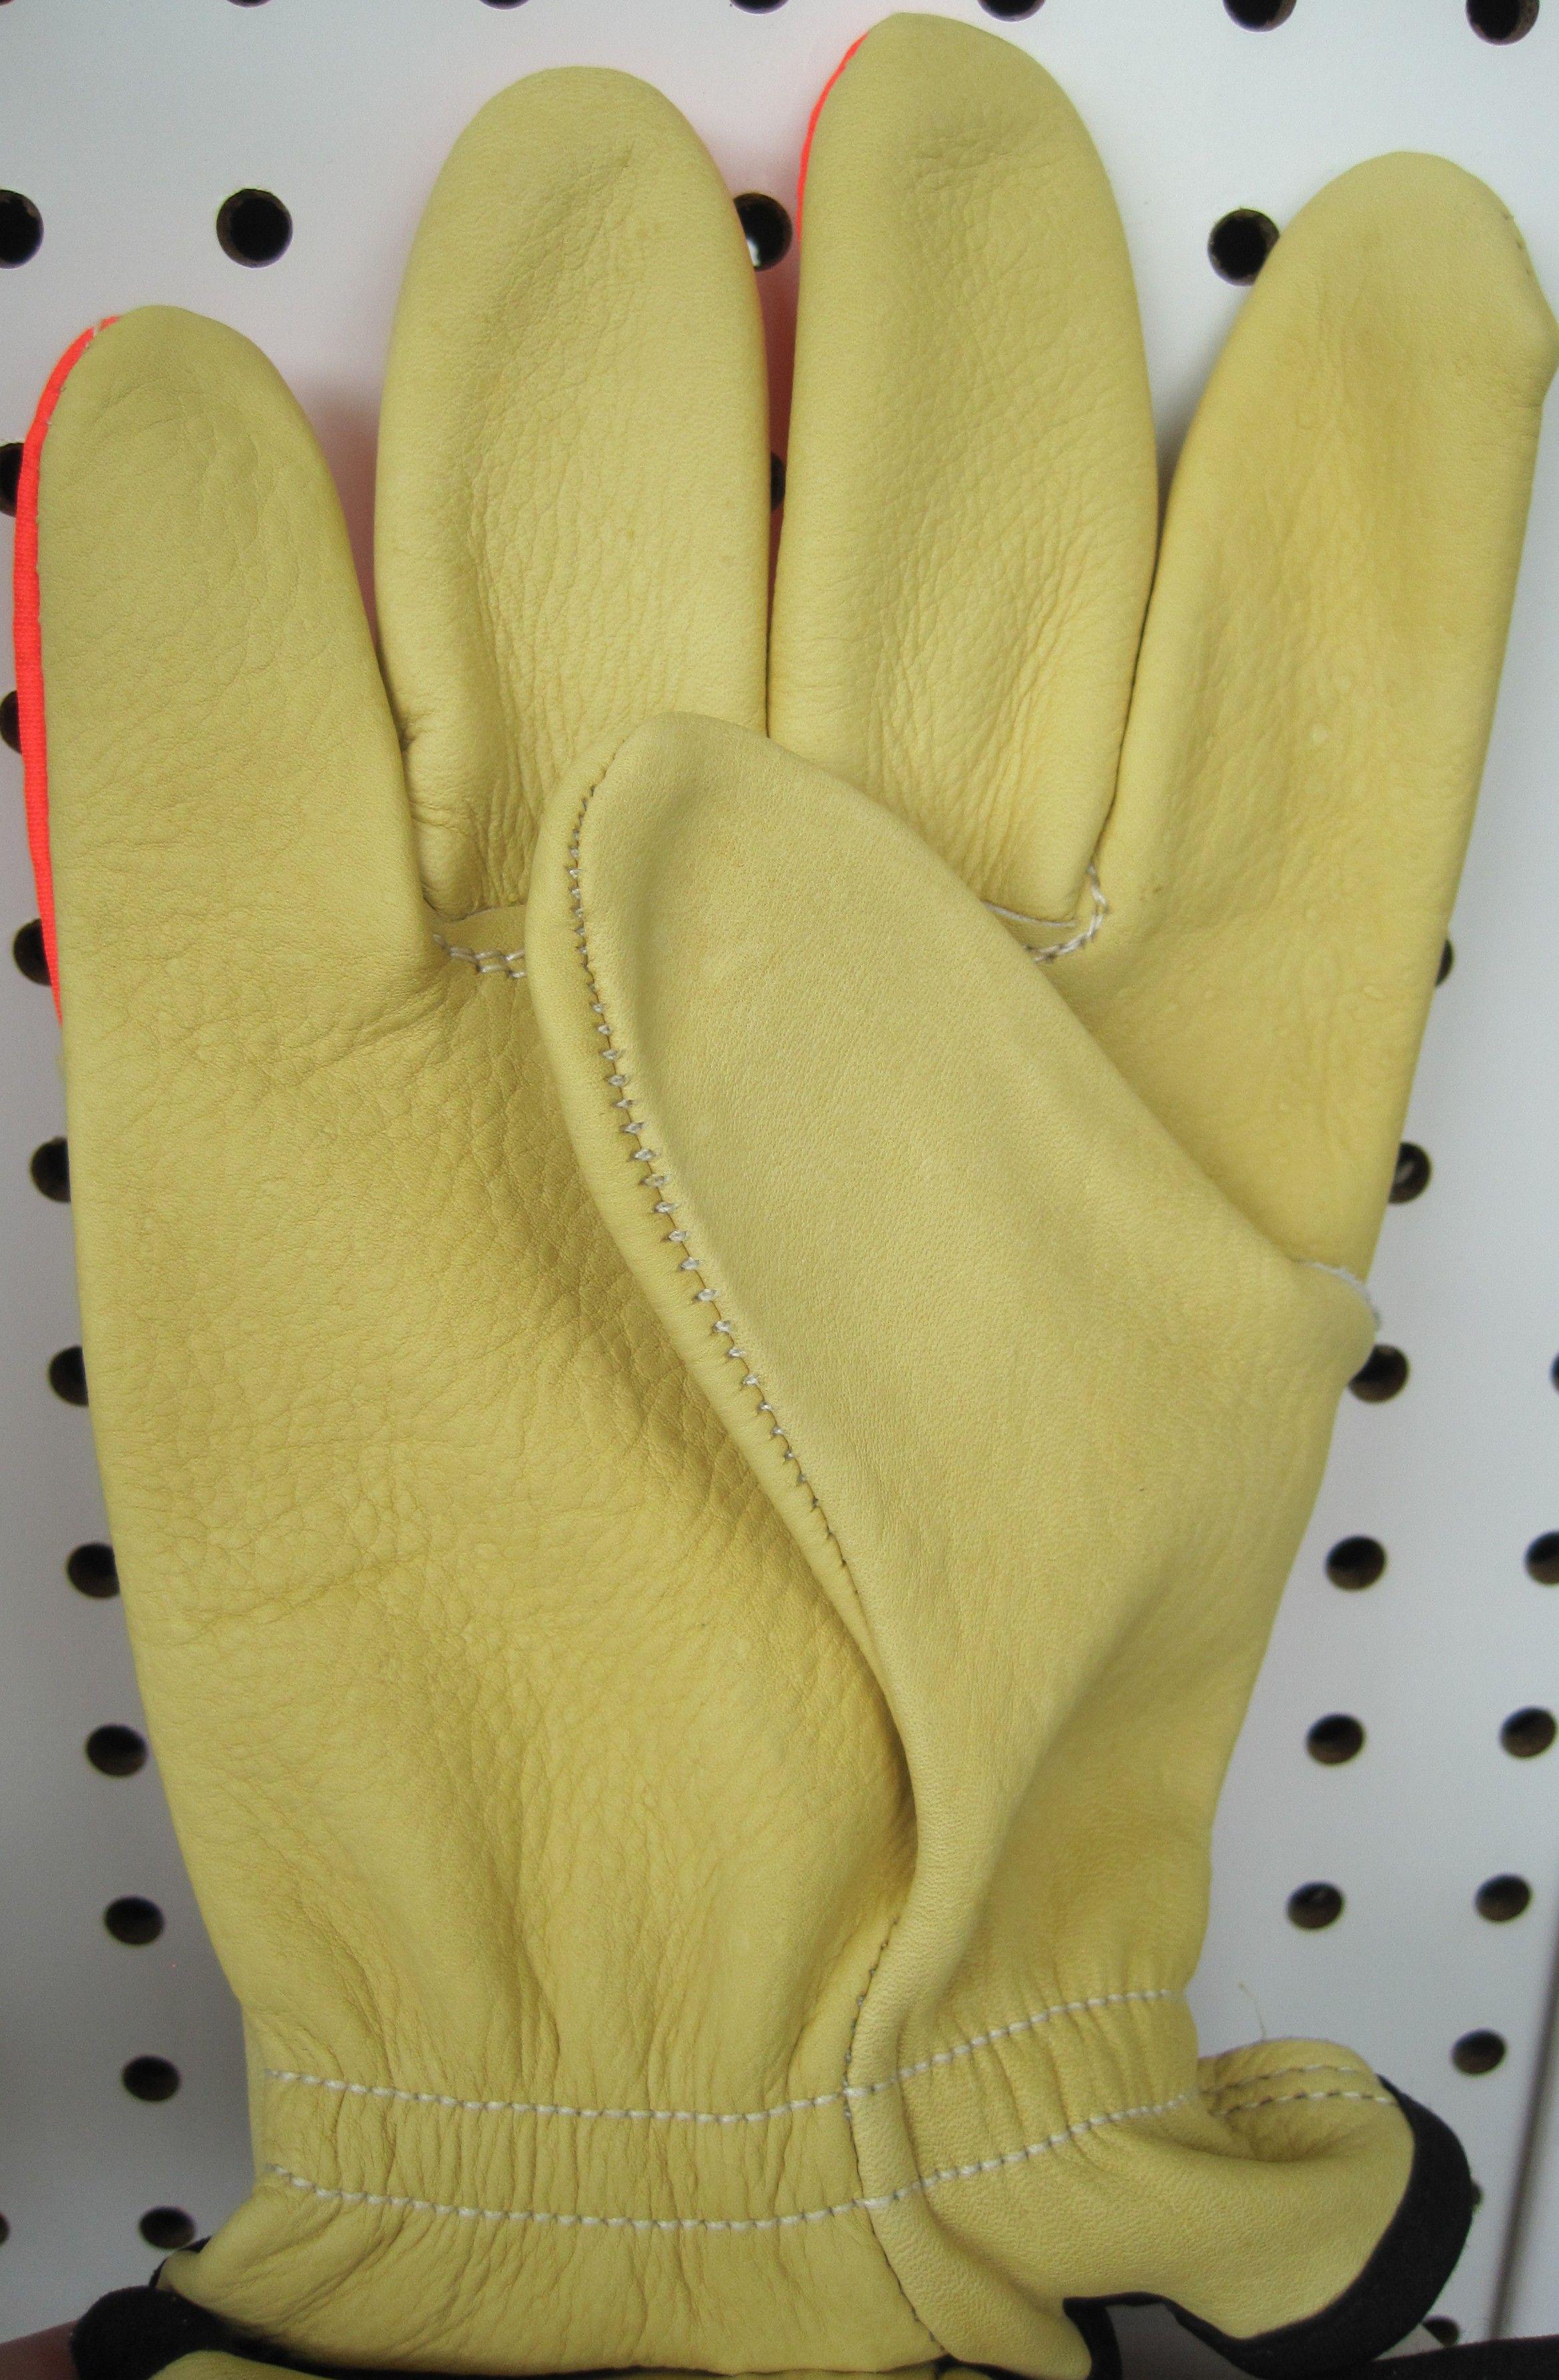 chain saw safety glove